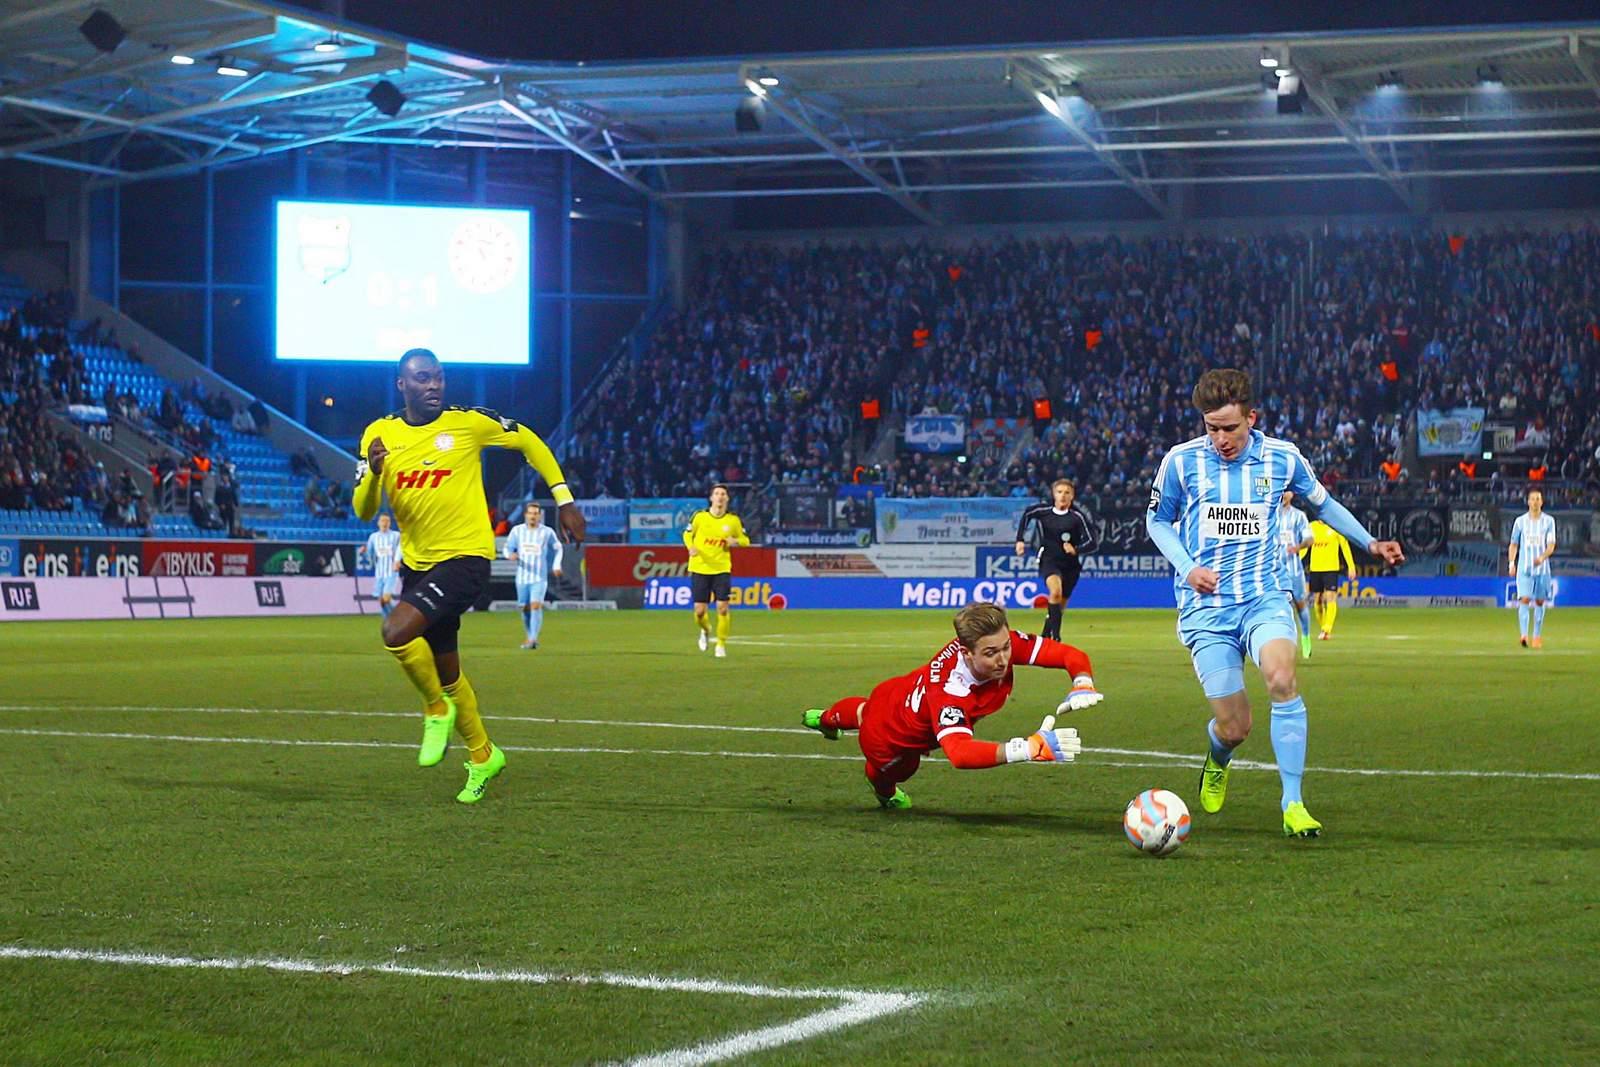 Florian Hansch erzielt Tor gegen Fortuna Köln